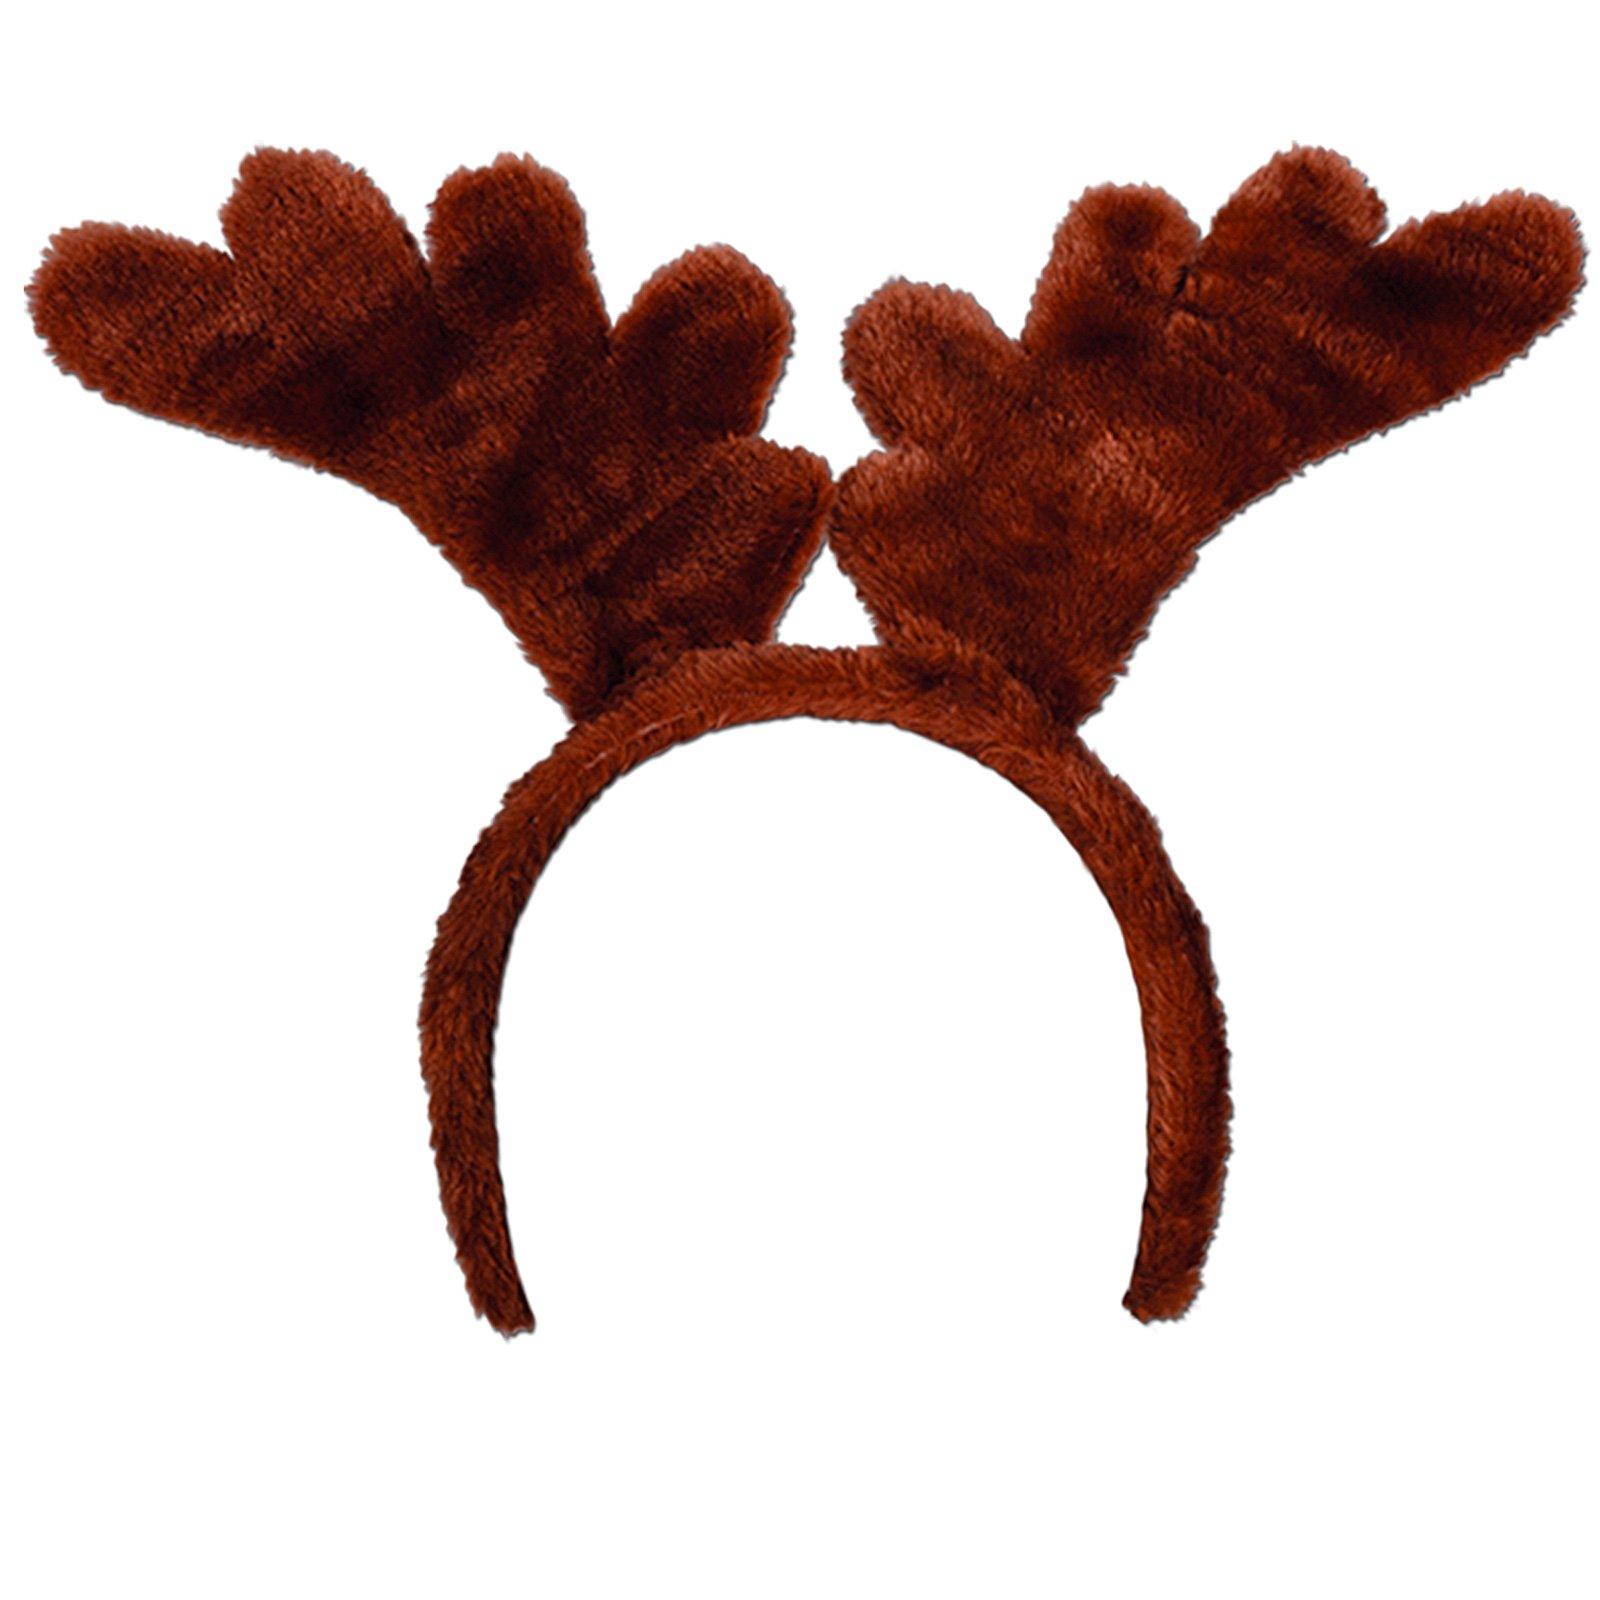 Reindeer Antlers PNG - 67544